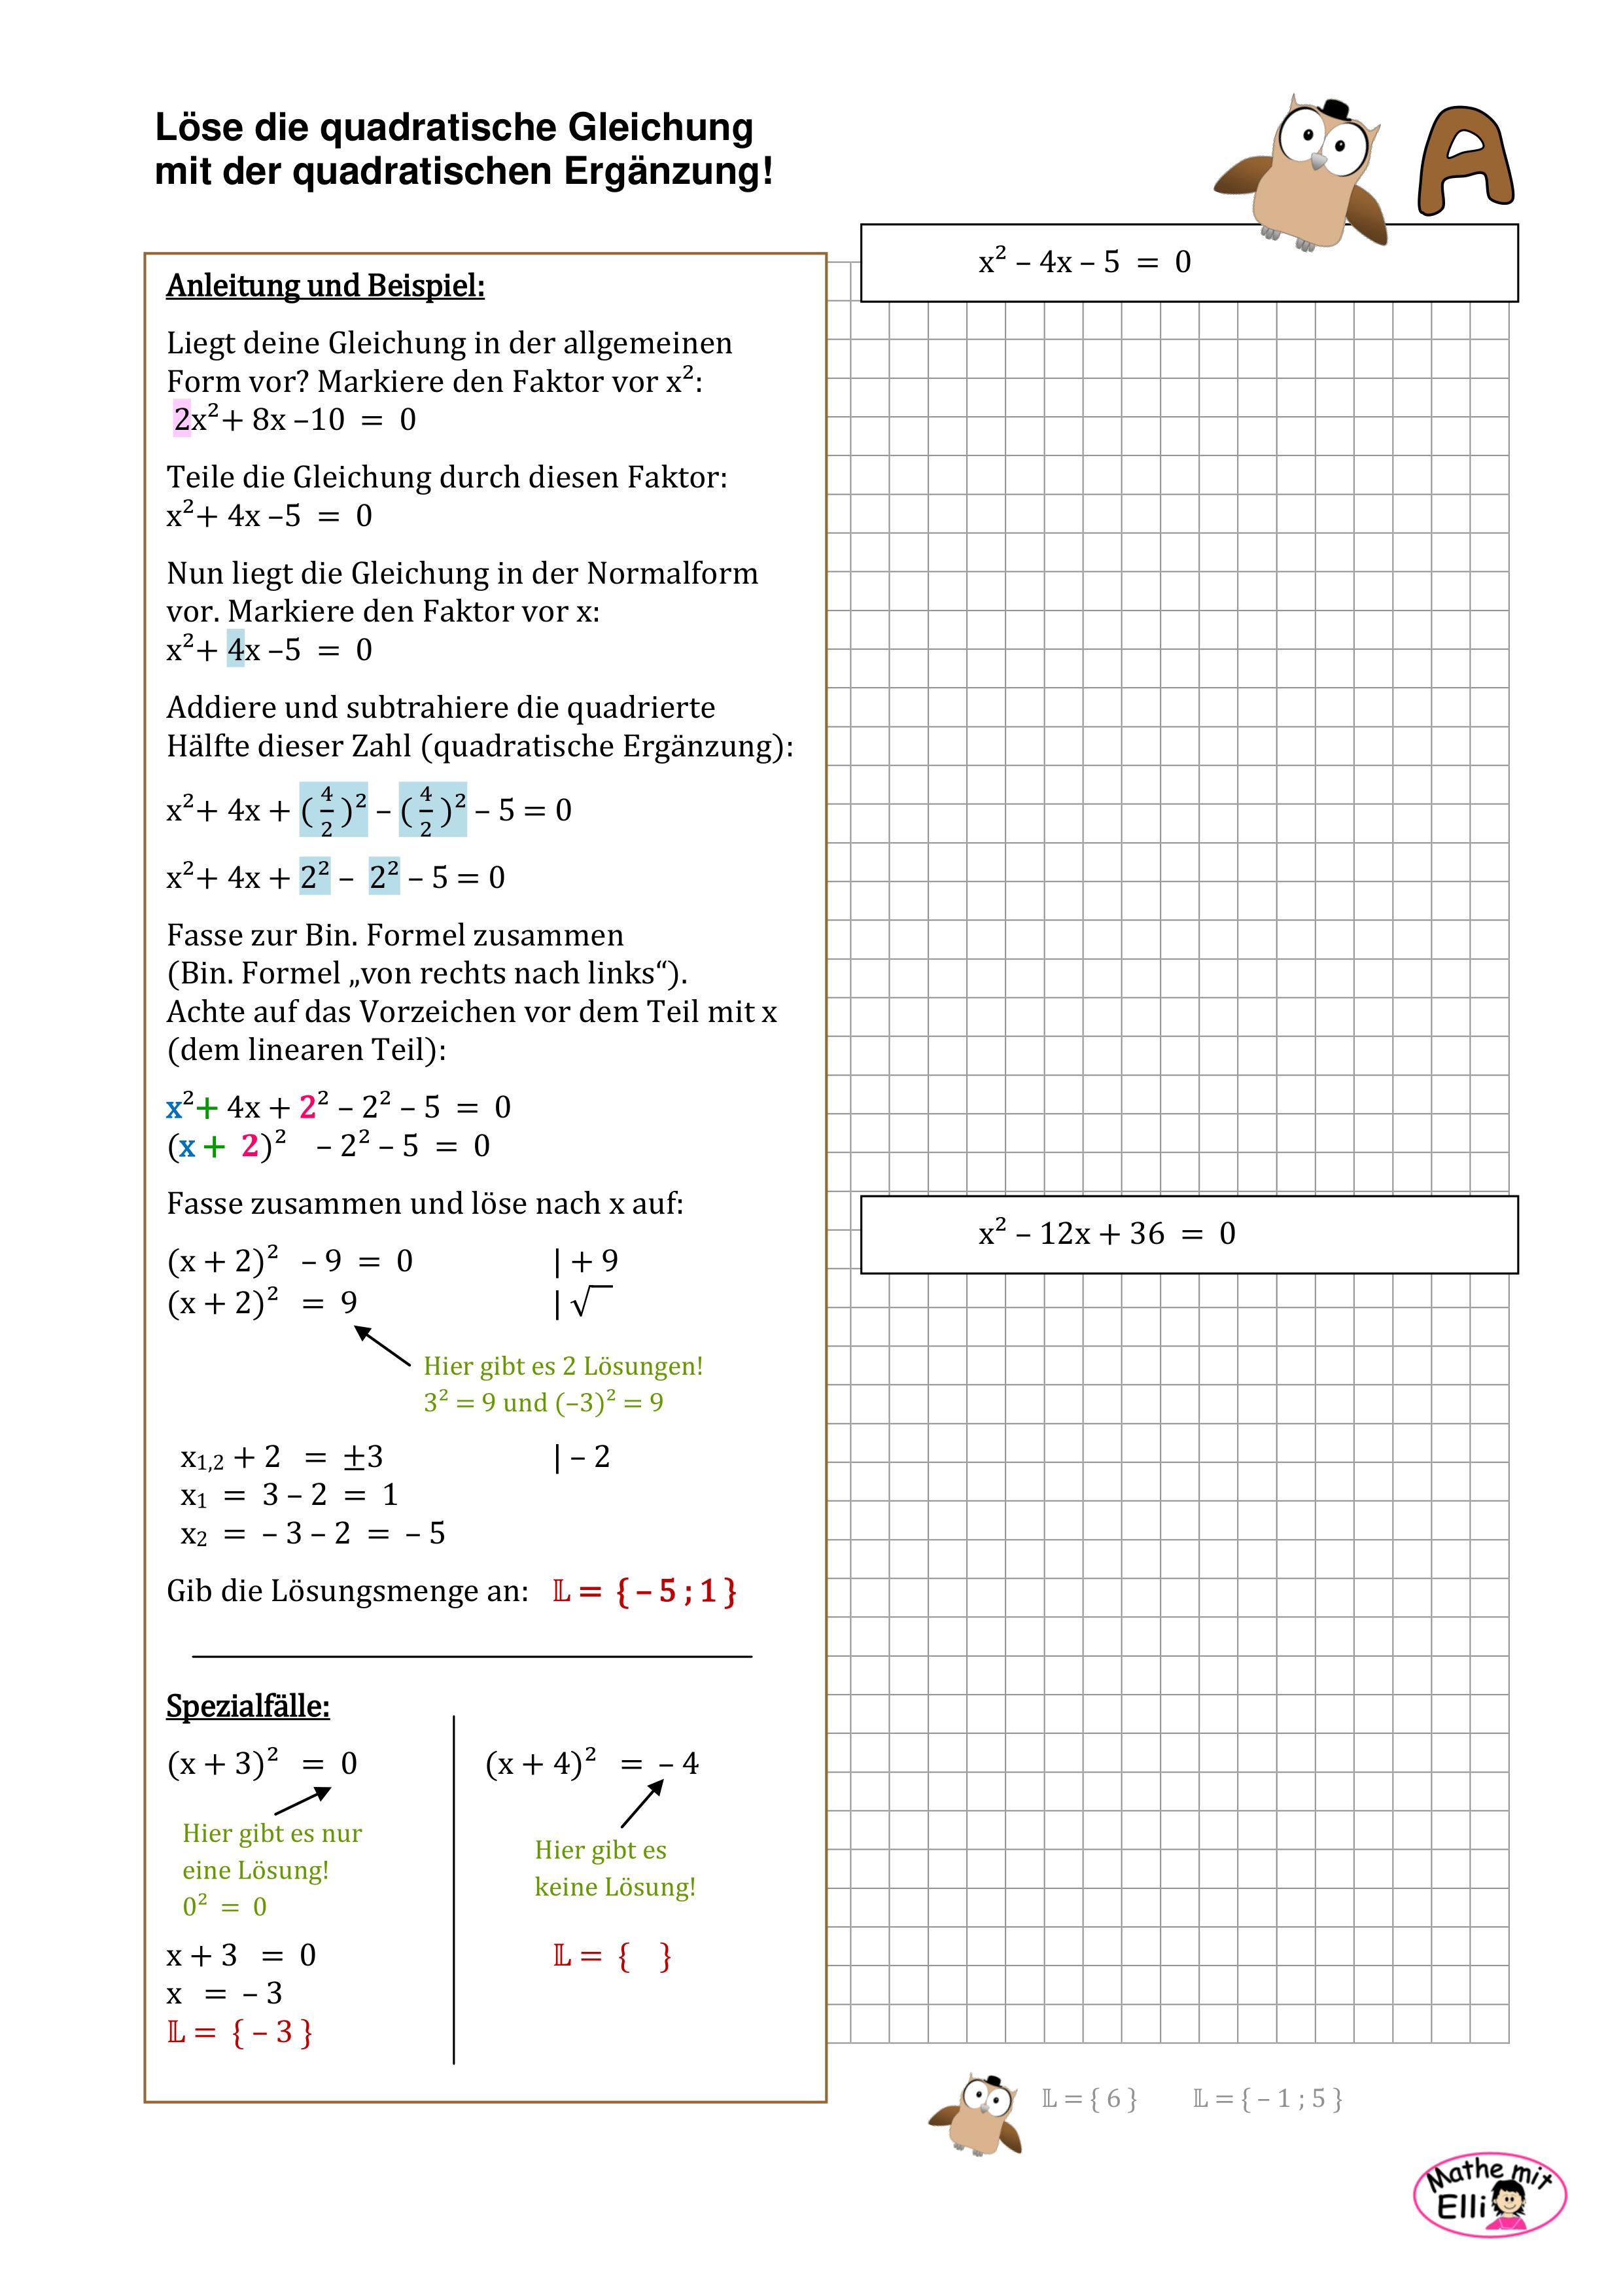 Quadratische Gleichungen Mit Quadratischer Erganzung Losen Unterrichtsmaterial Im Fach Mathematik In 2020 Gleichungen Mathe Formeln Mathematik